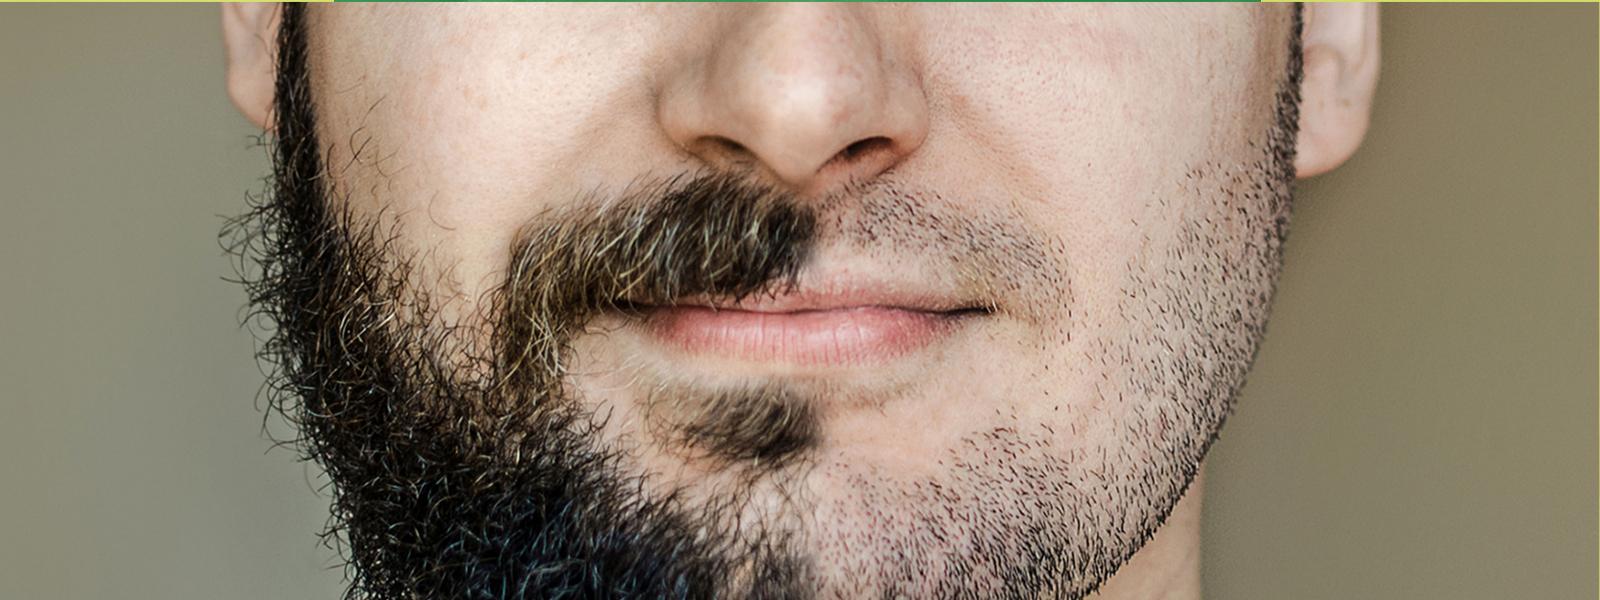 Nuovo studio mette in correlazione calvizie e barba